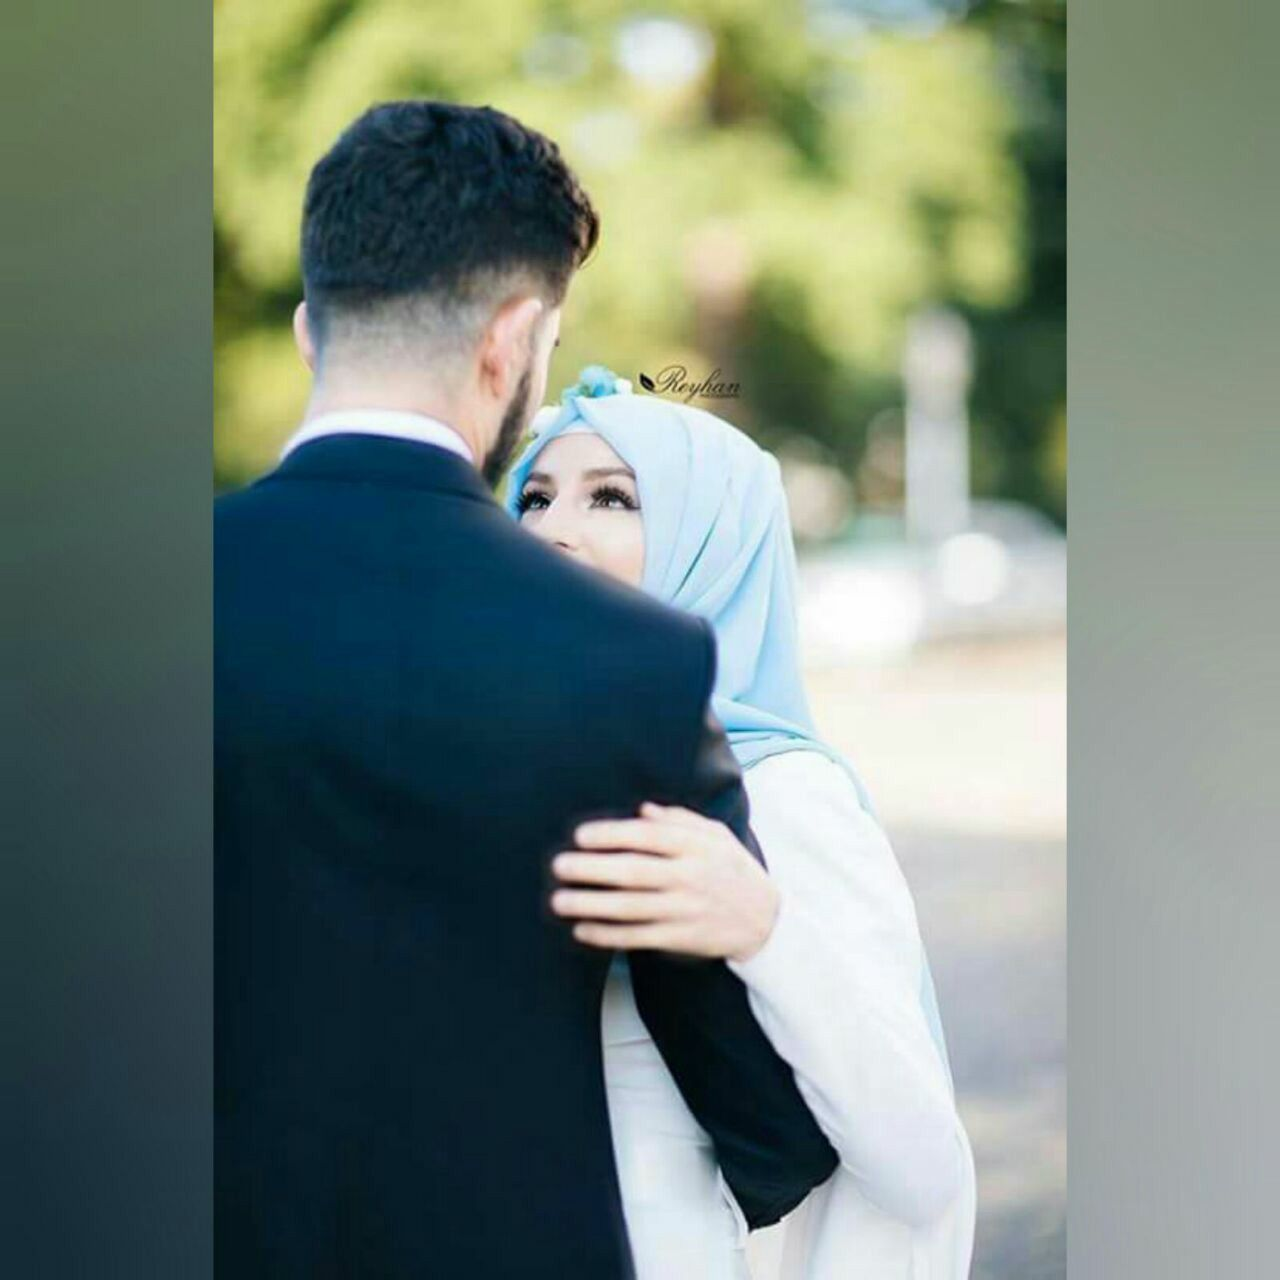 Pin By Adil Khan On Cam  Cute Muslim Couples, Muslim -8206